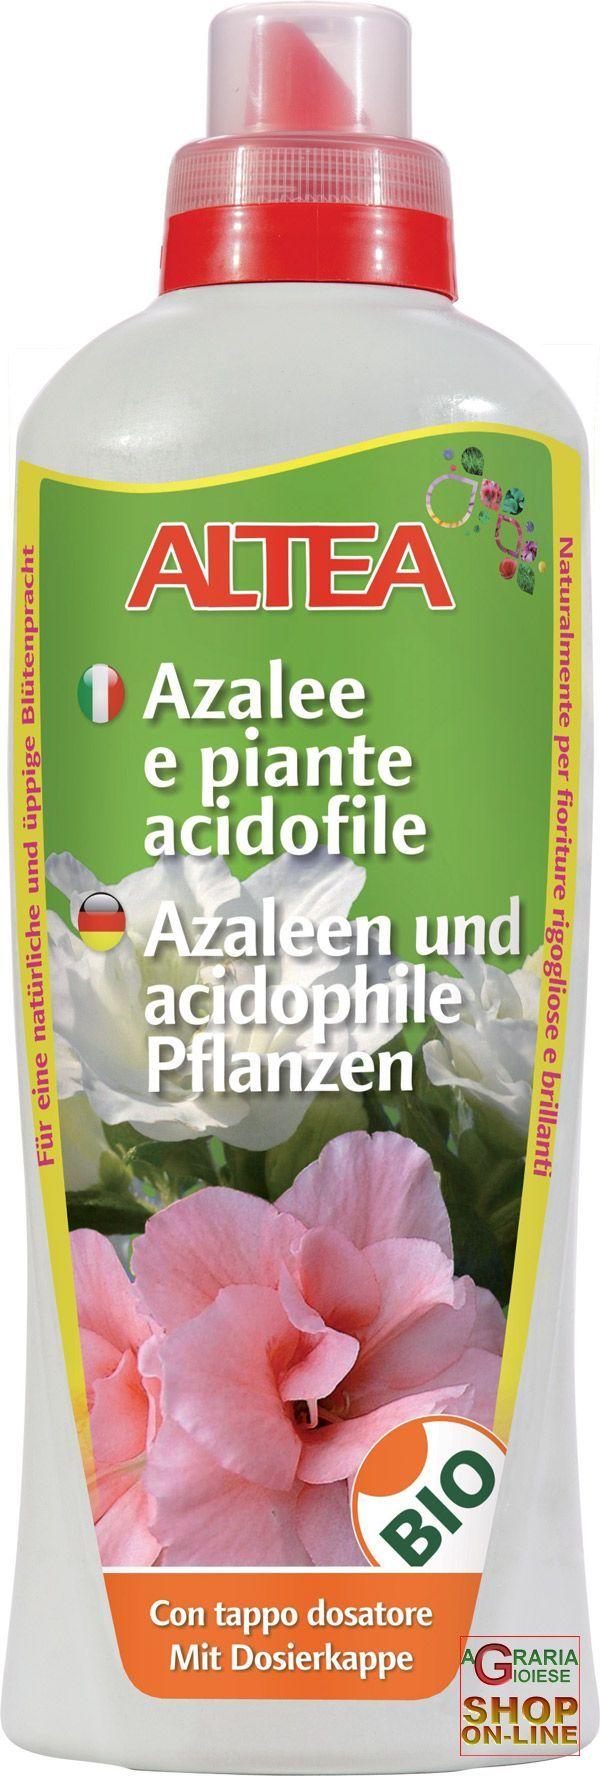 ALTEA AZALEE E PIANTE ACIFDOFILE CONCIME ORGANICO LIQUIDO  KG. 1 https://www.chiaradecaria.it/it/altea/369-altea-azalee-e-piante-acifdofile-concime-organico-liquido-kg-1-8033331133781.html